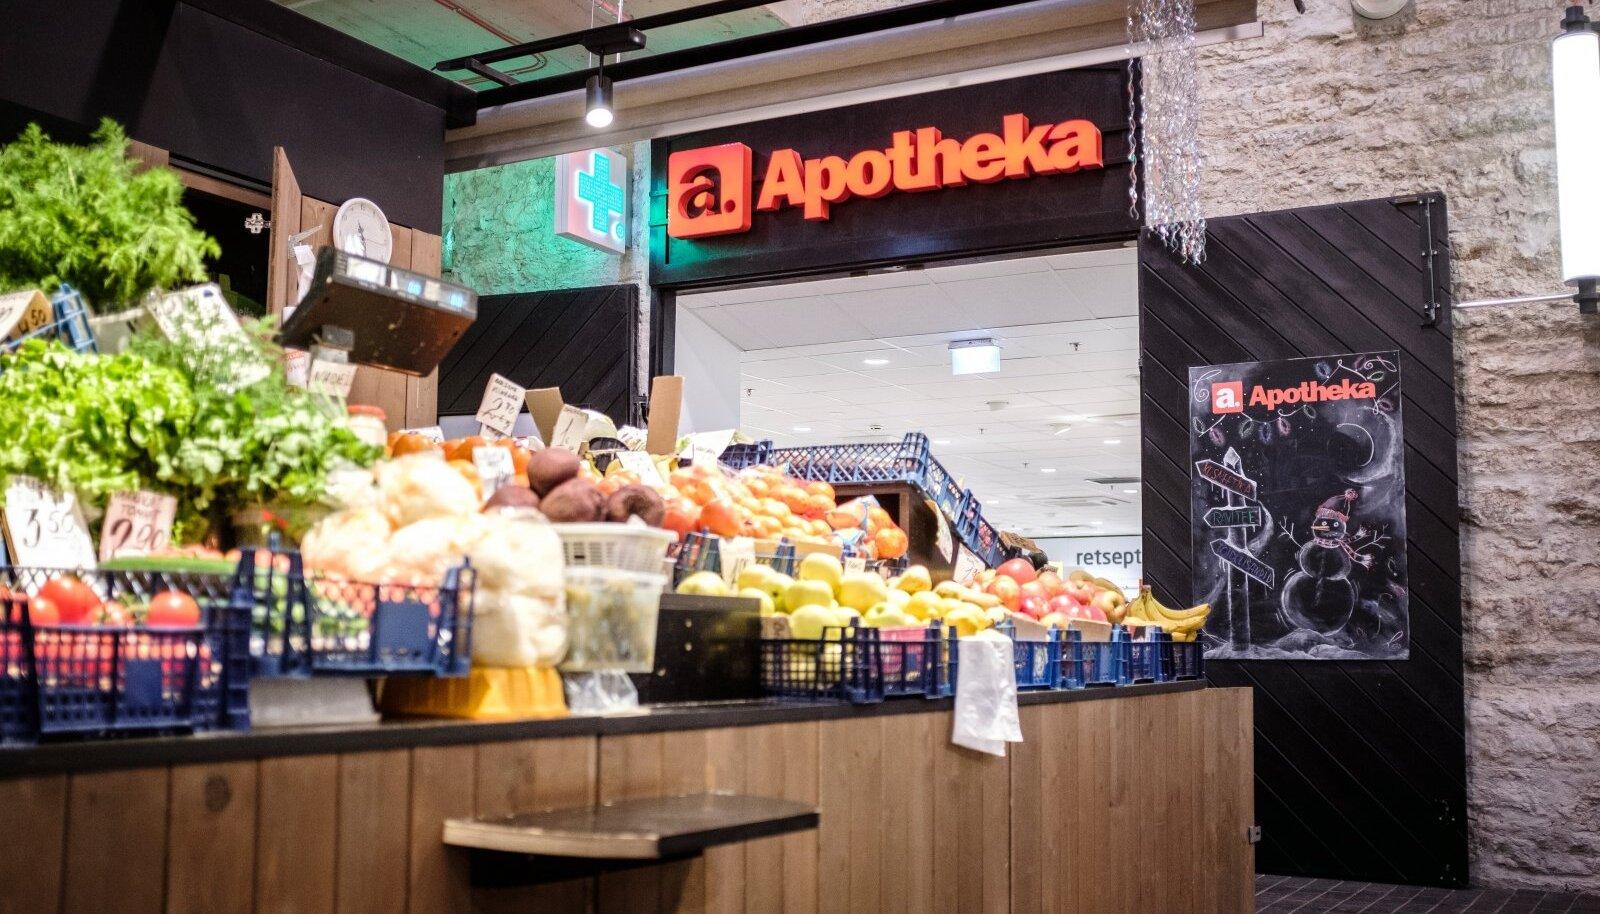 Apotheka apteek Balti jaama turul. Abi on käeulatuses!